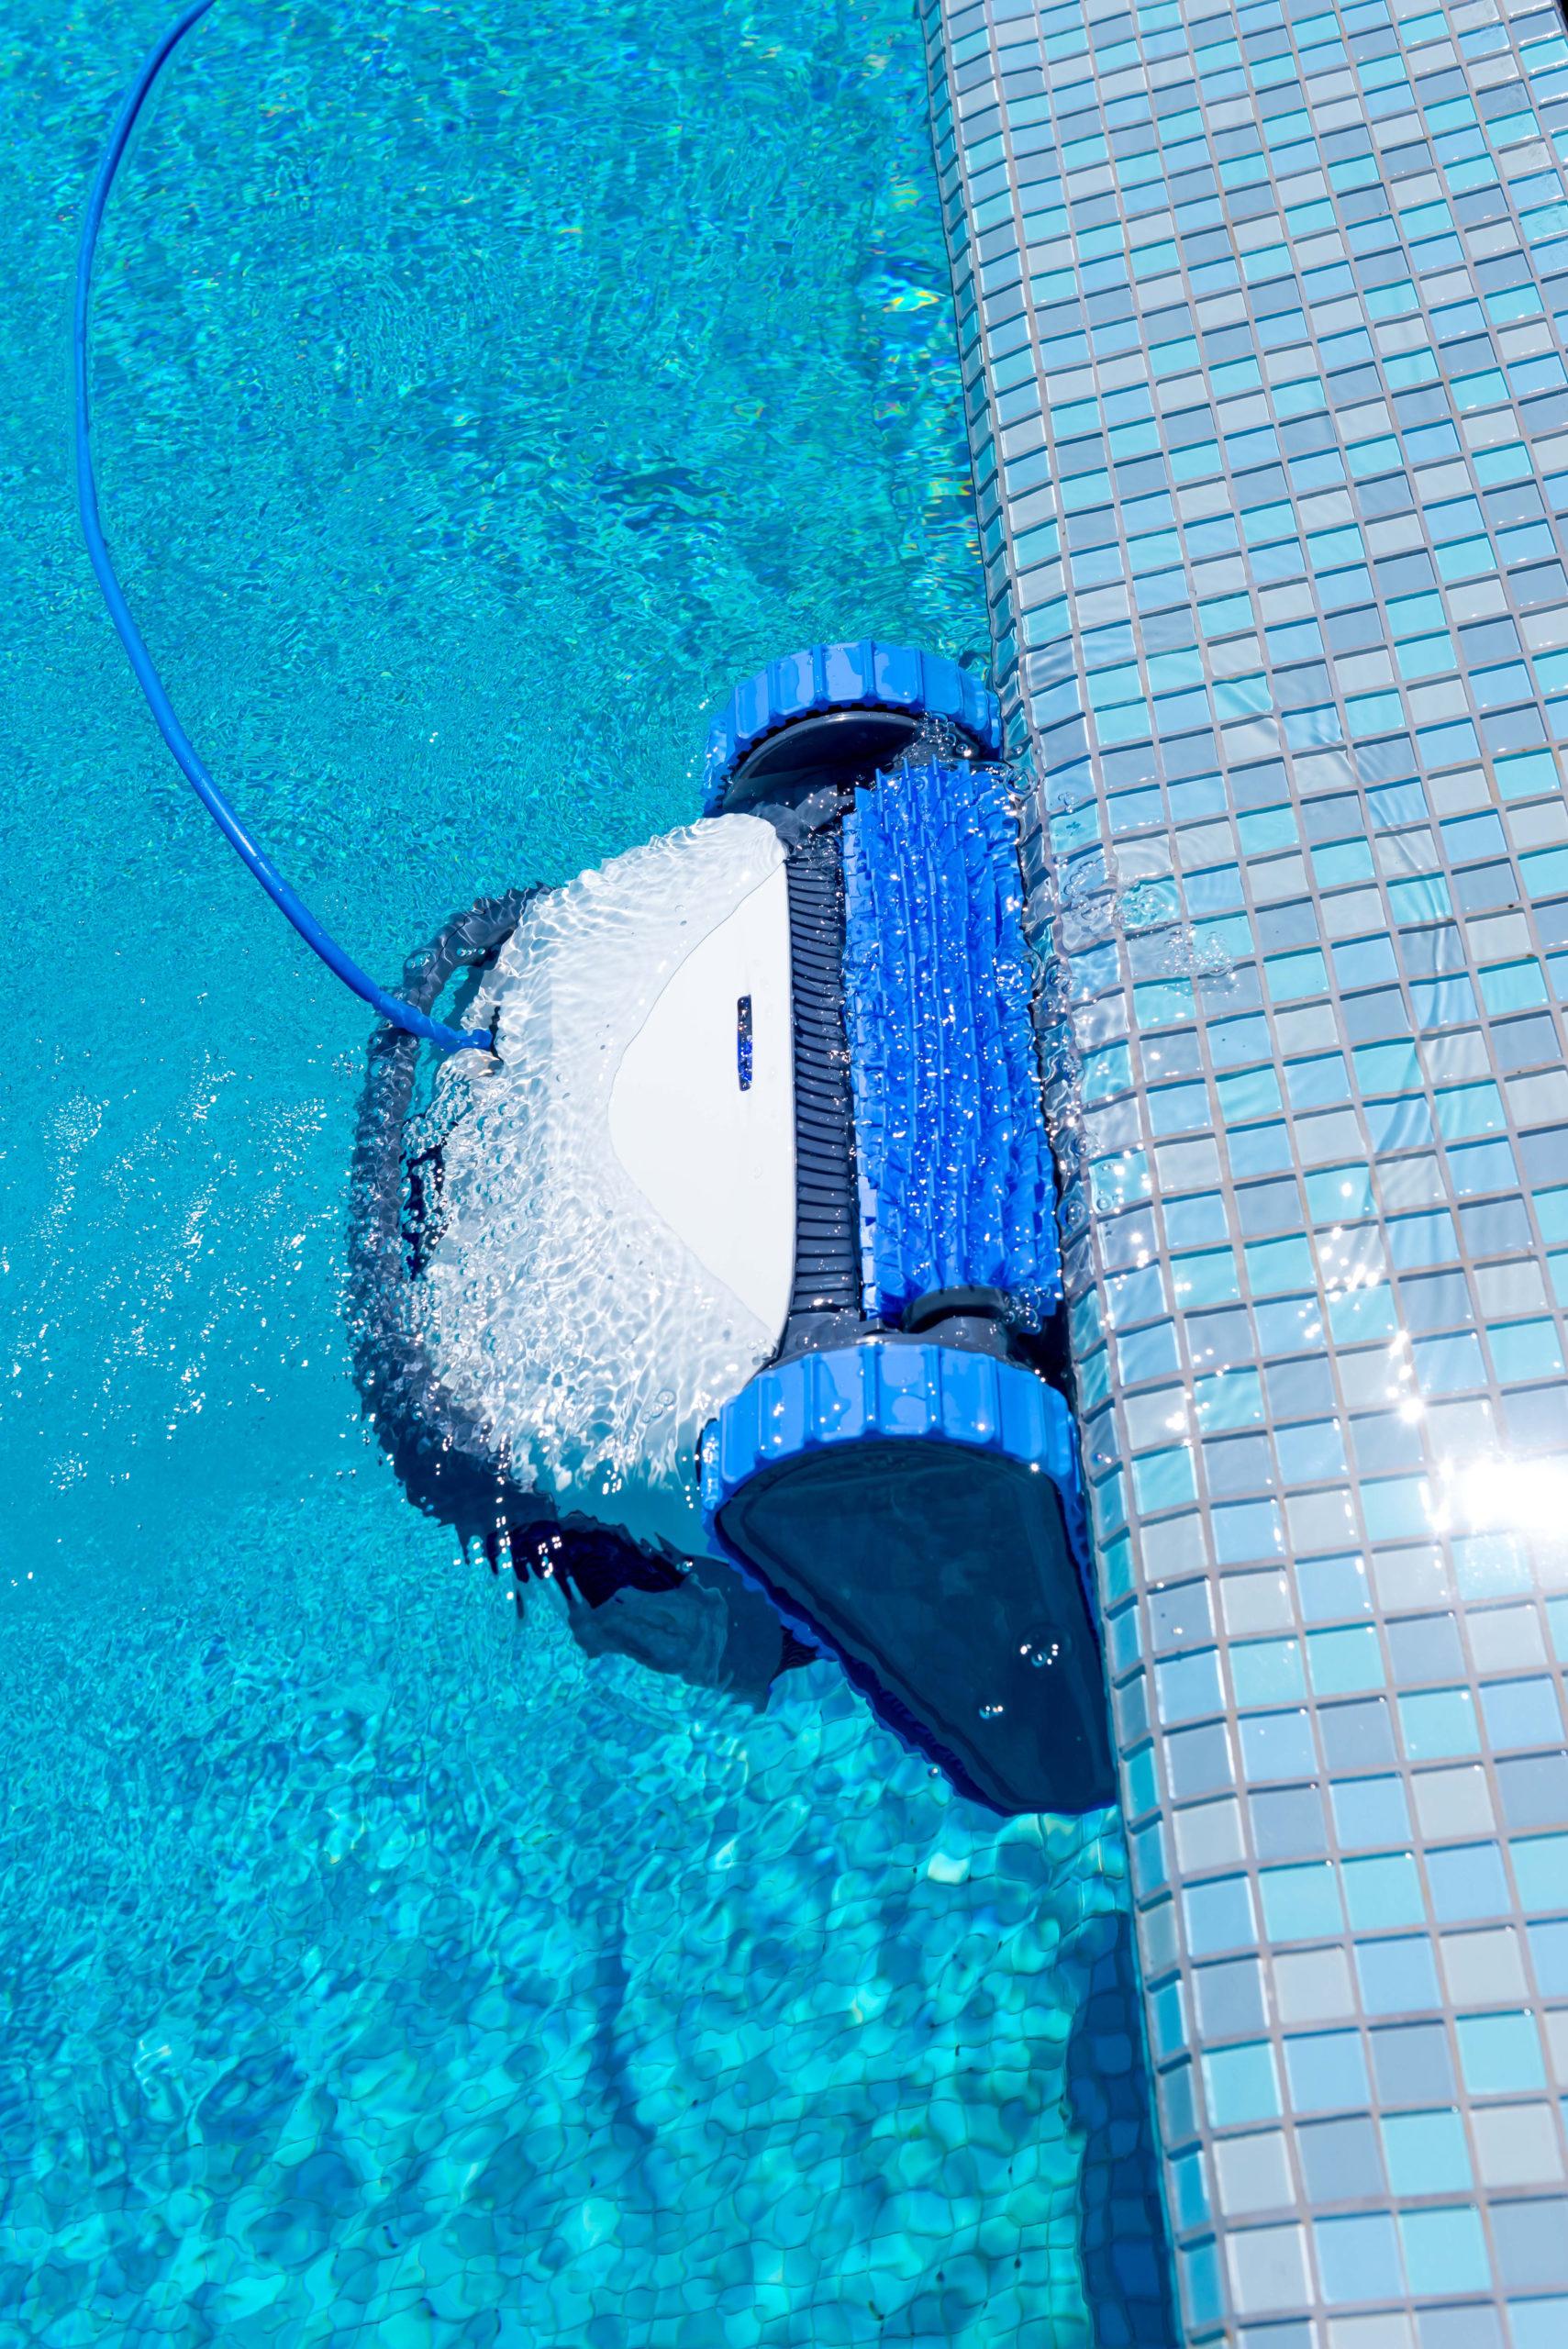 Un robot électrique nettoyant une piscine